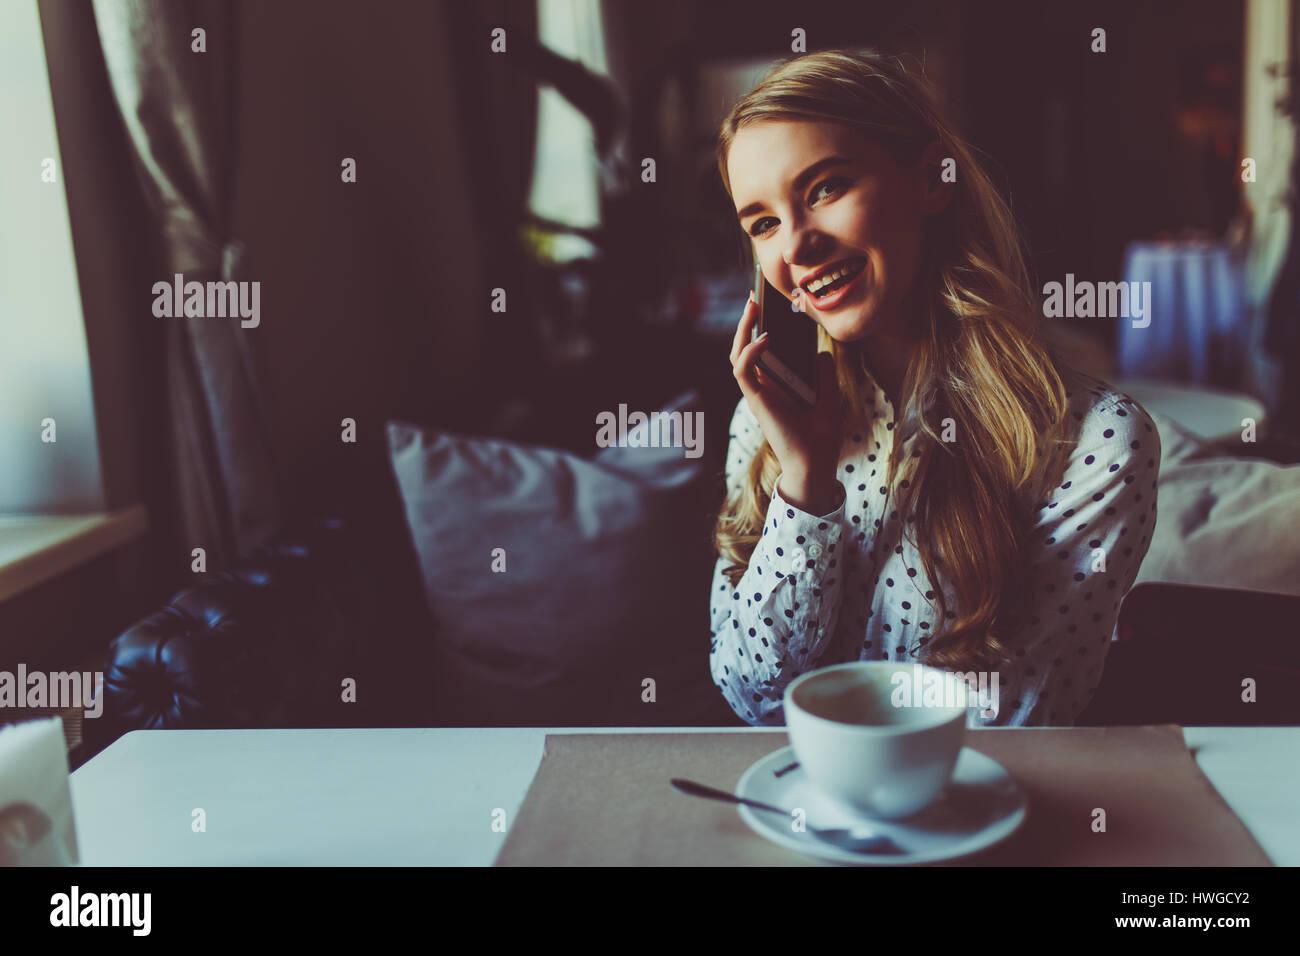 Feliz mujer hablando con teléfono celular mientras está sentado en la cafetería durante el desayuno Imagen De Stock